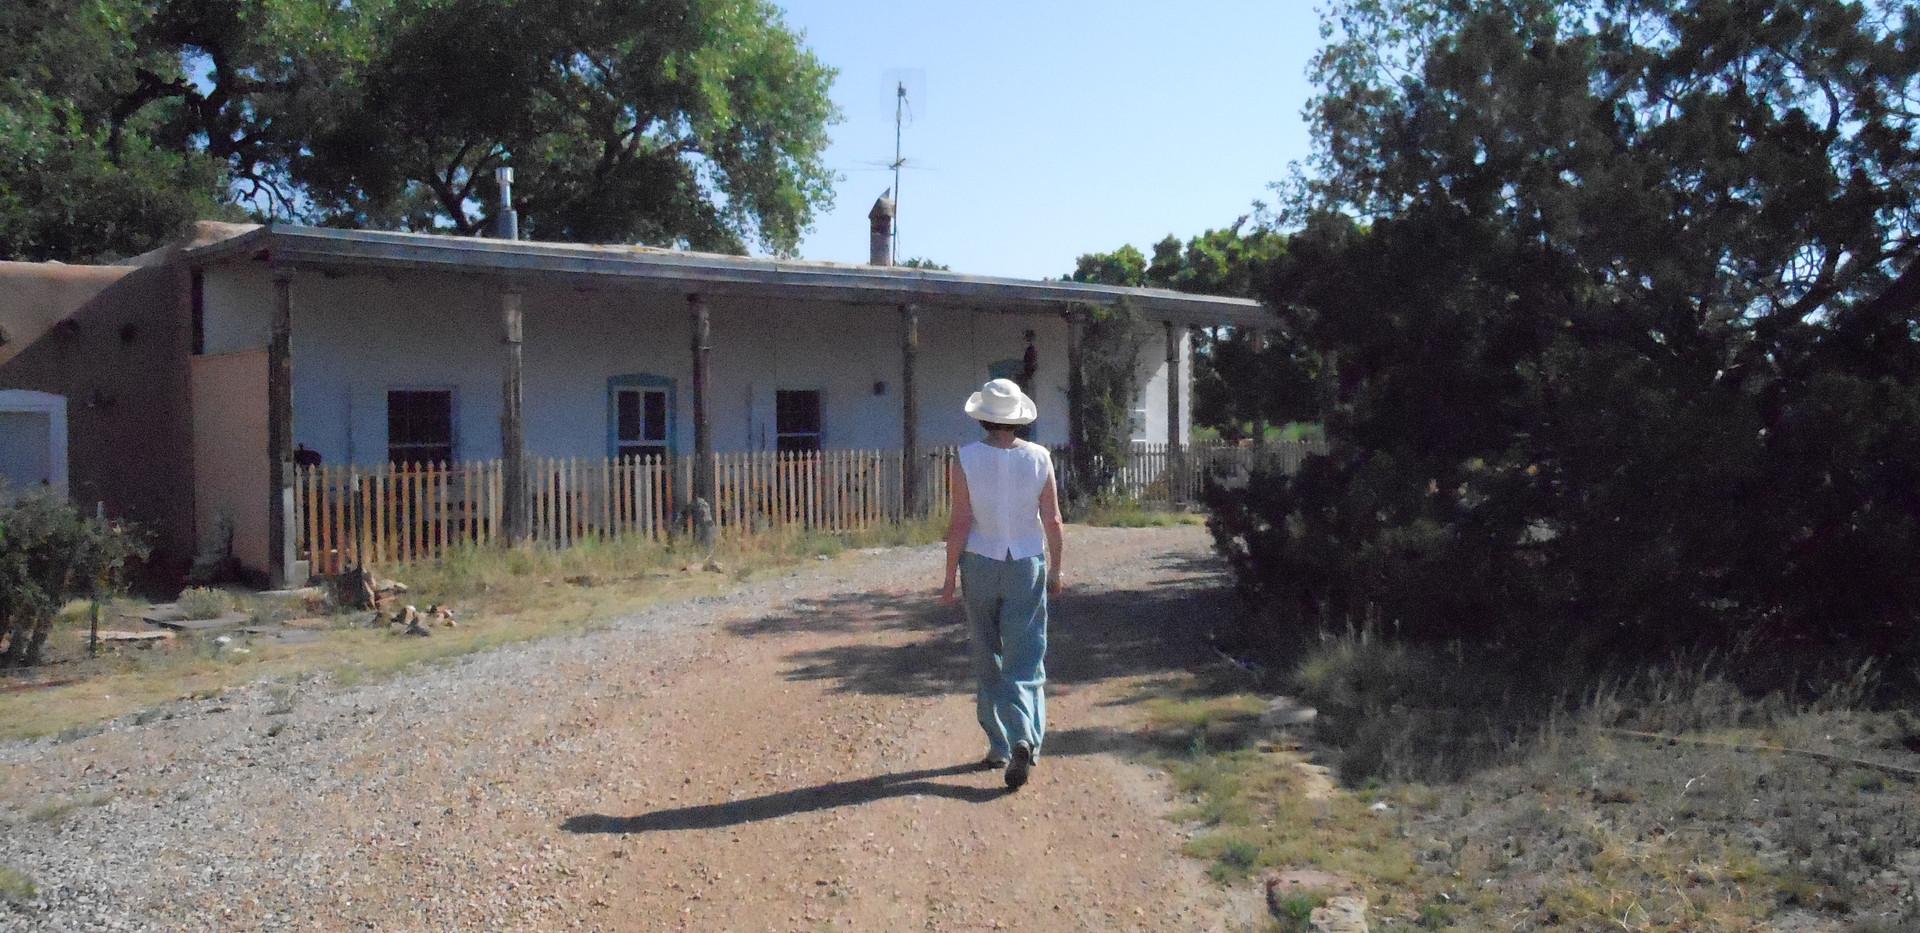 KJ at La Loma above El Rancho de las Golondrinas